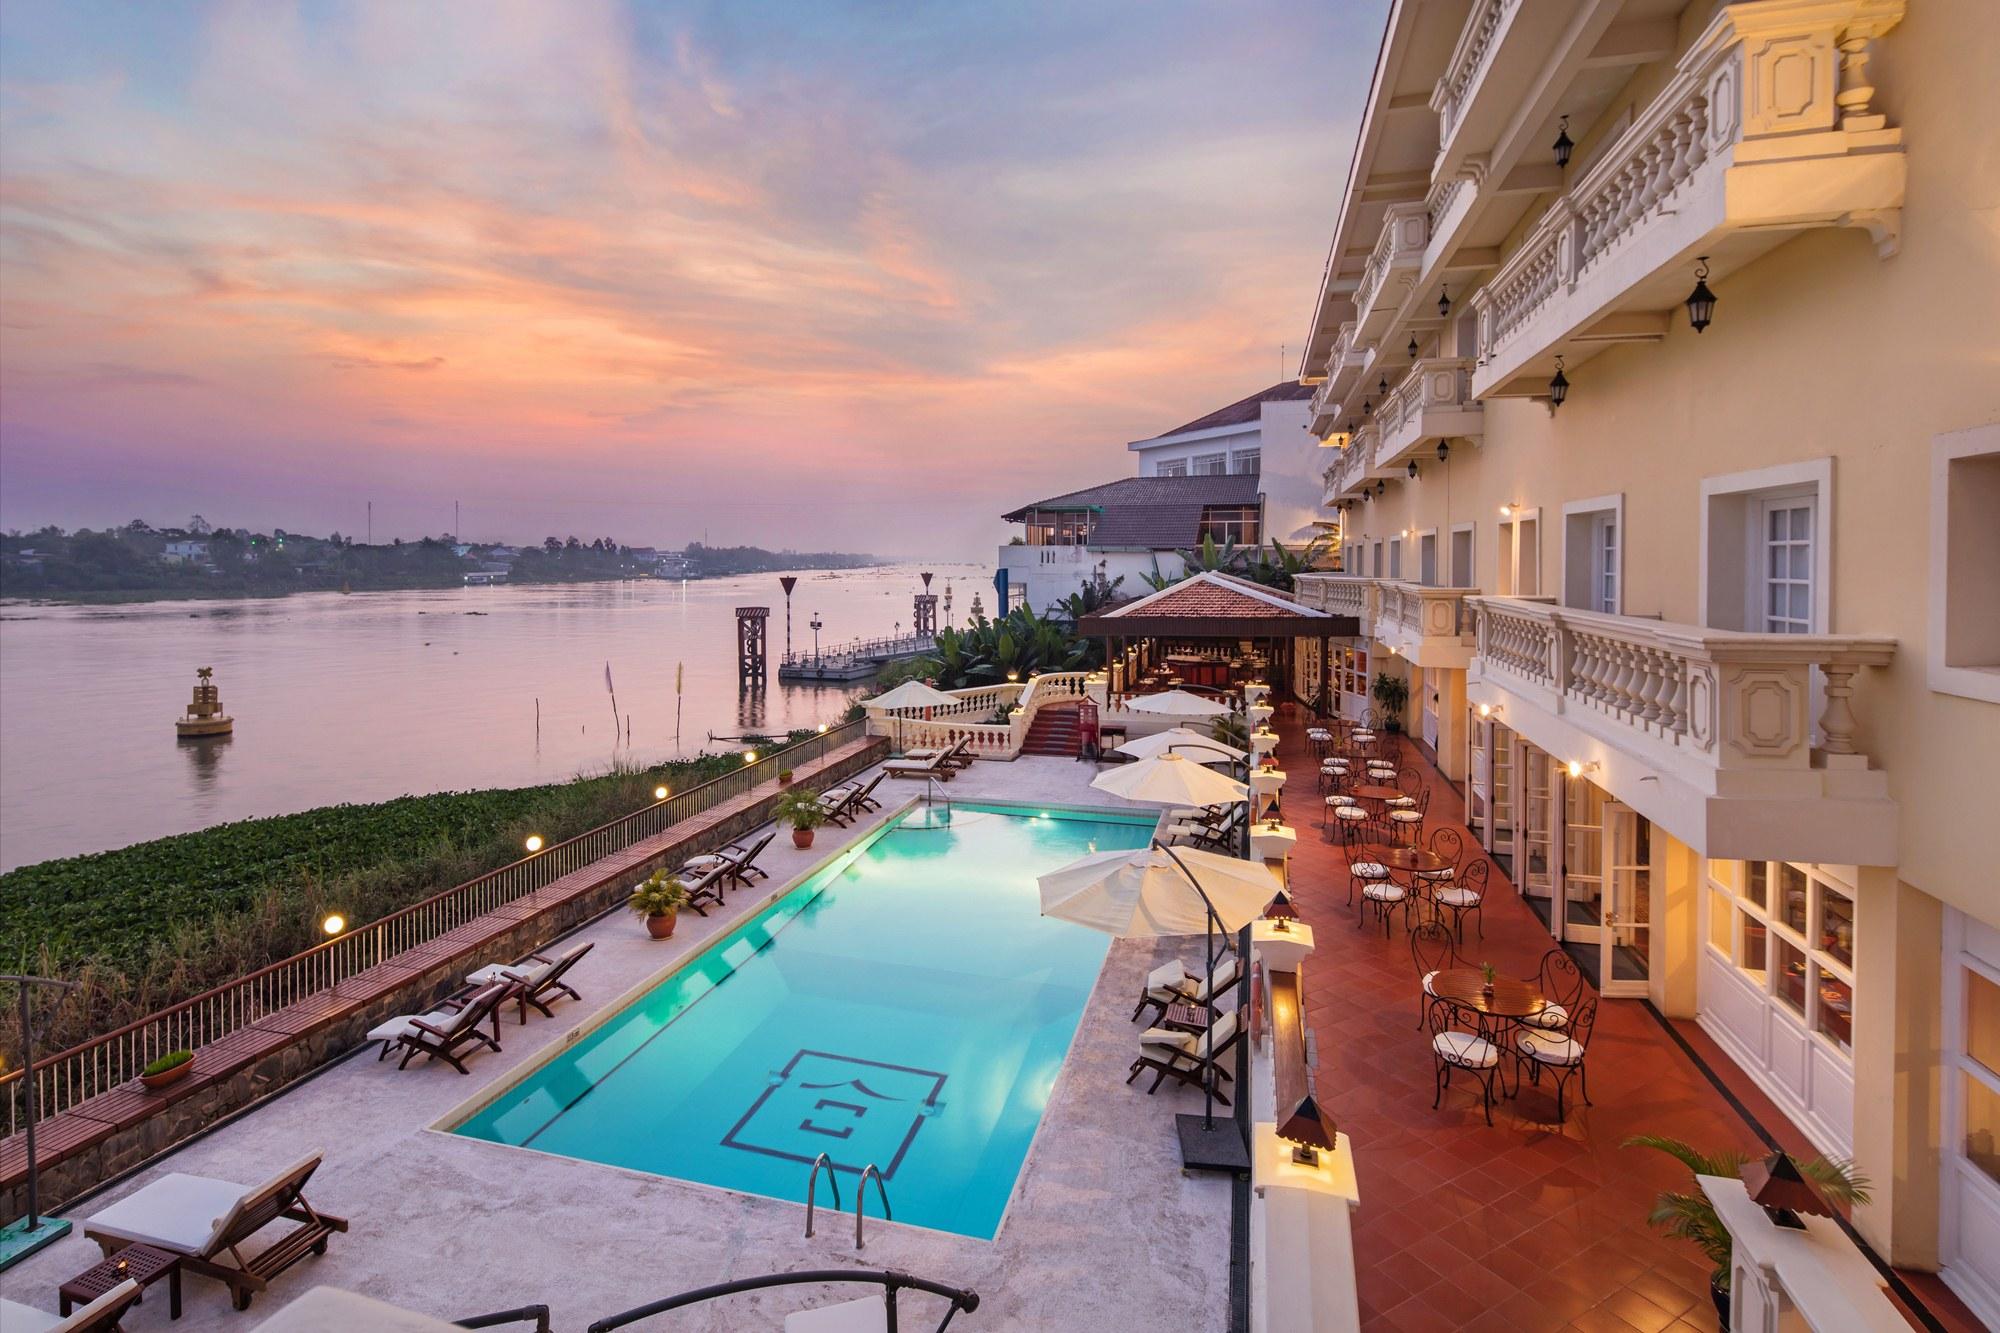 Mekong River Tour From Saigon